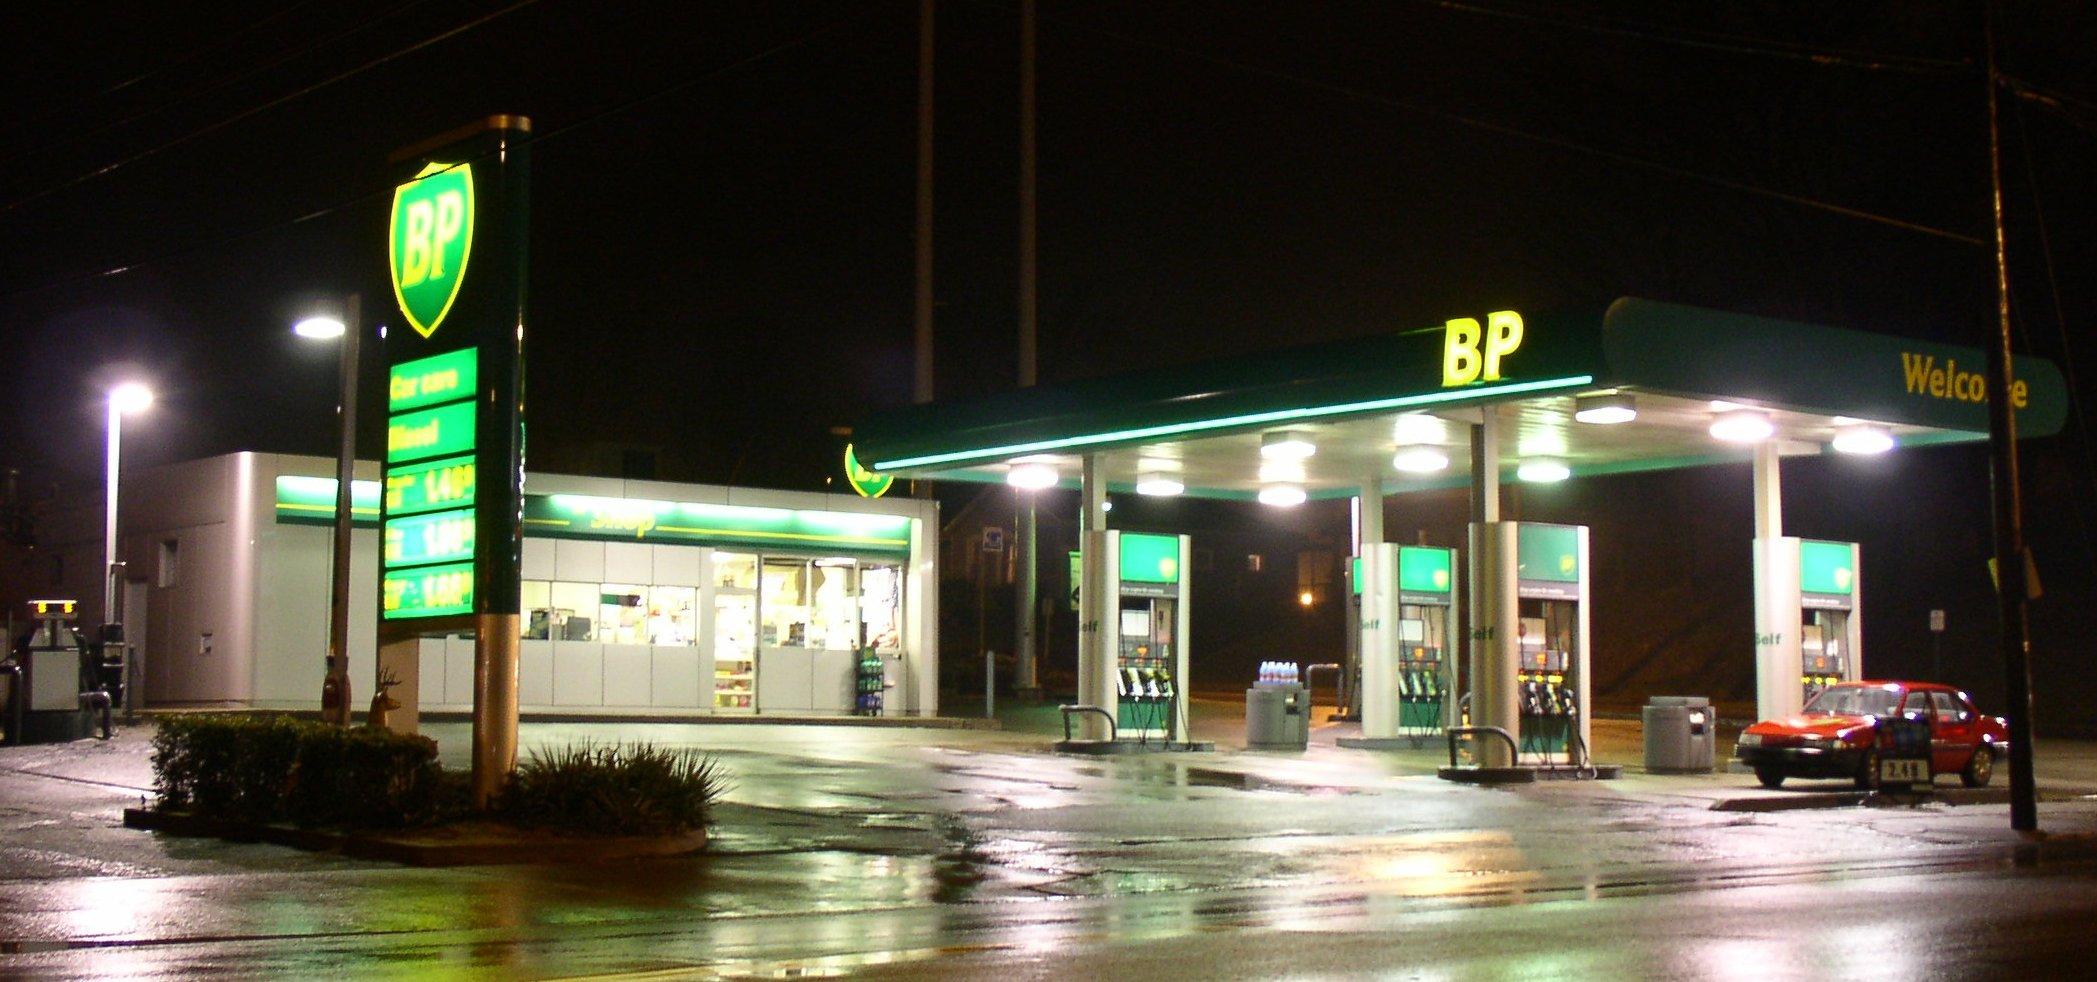 La Guida - Sicurezza, i benzinai chiedono più attenzione